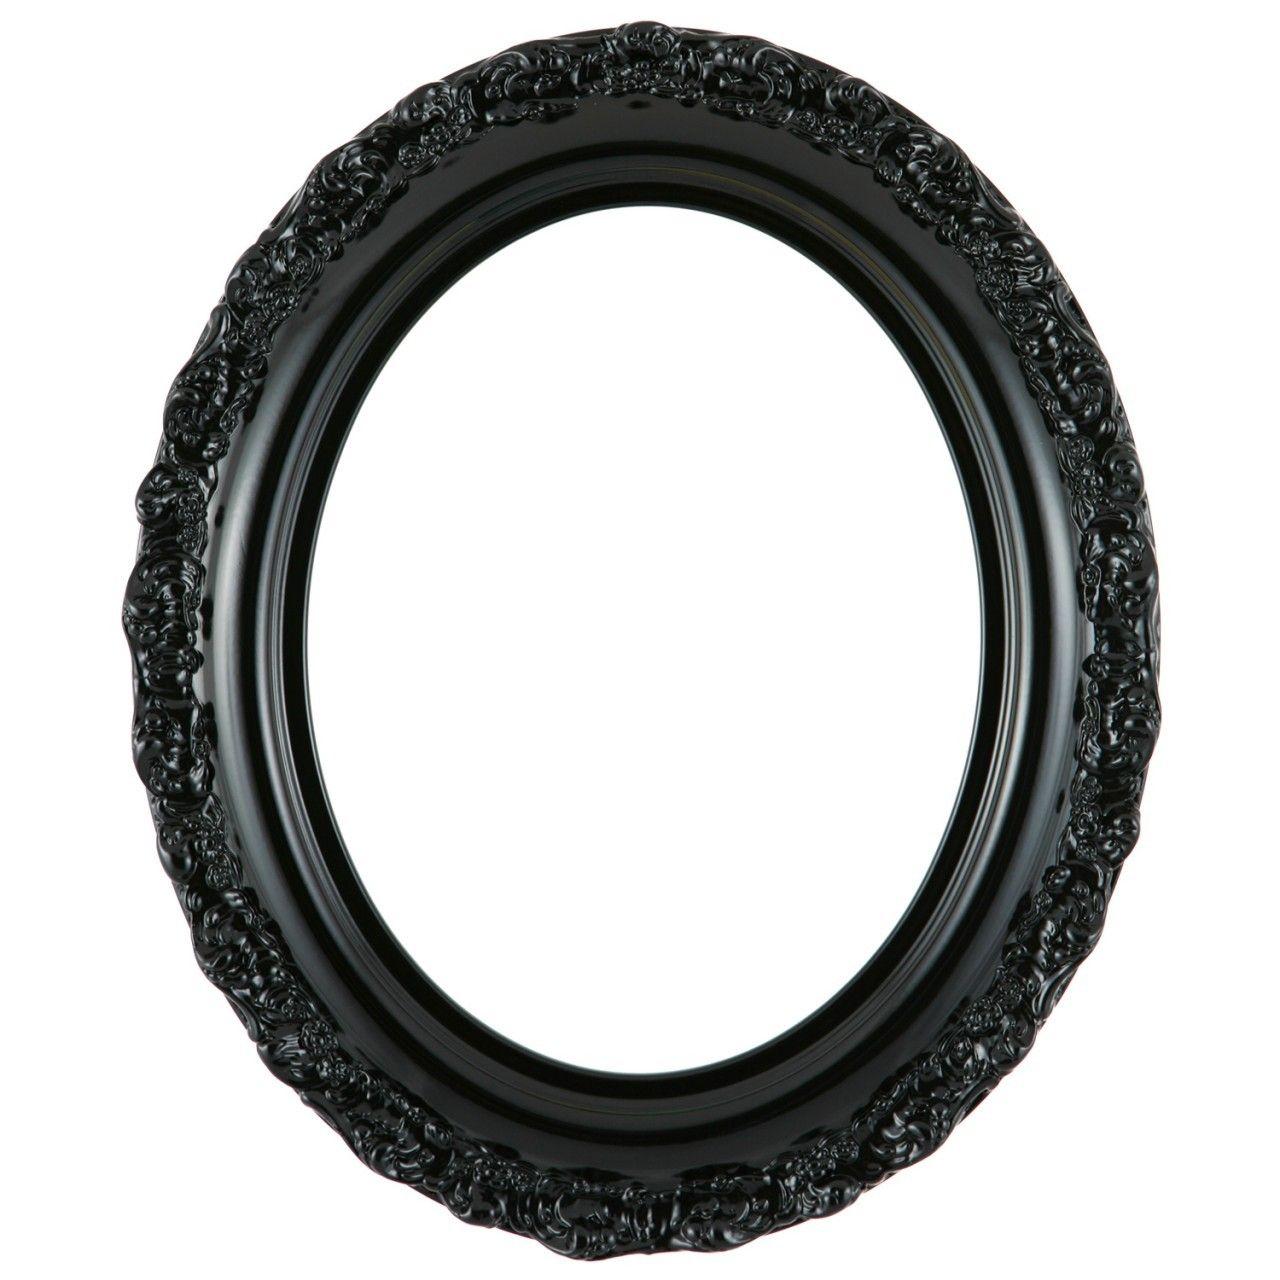 Venice Oval Frame #454 - Gloss Black